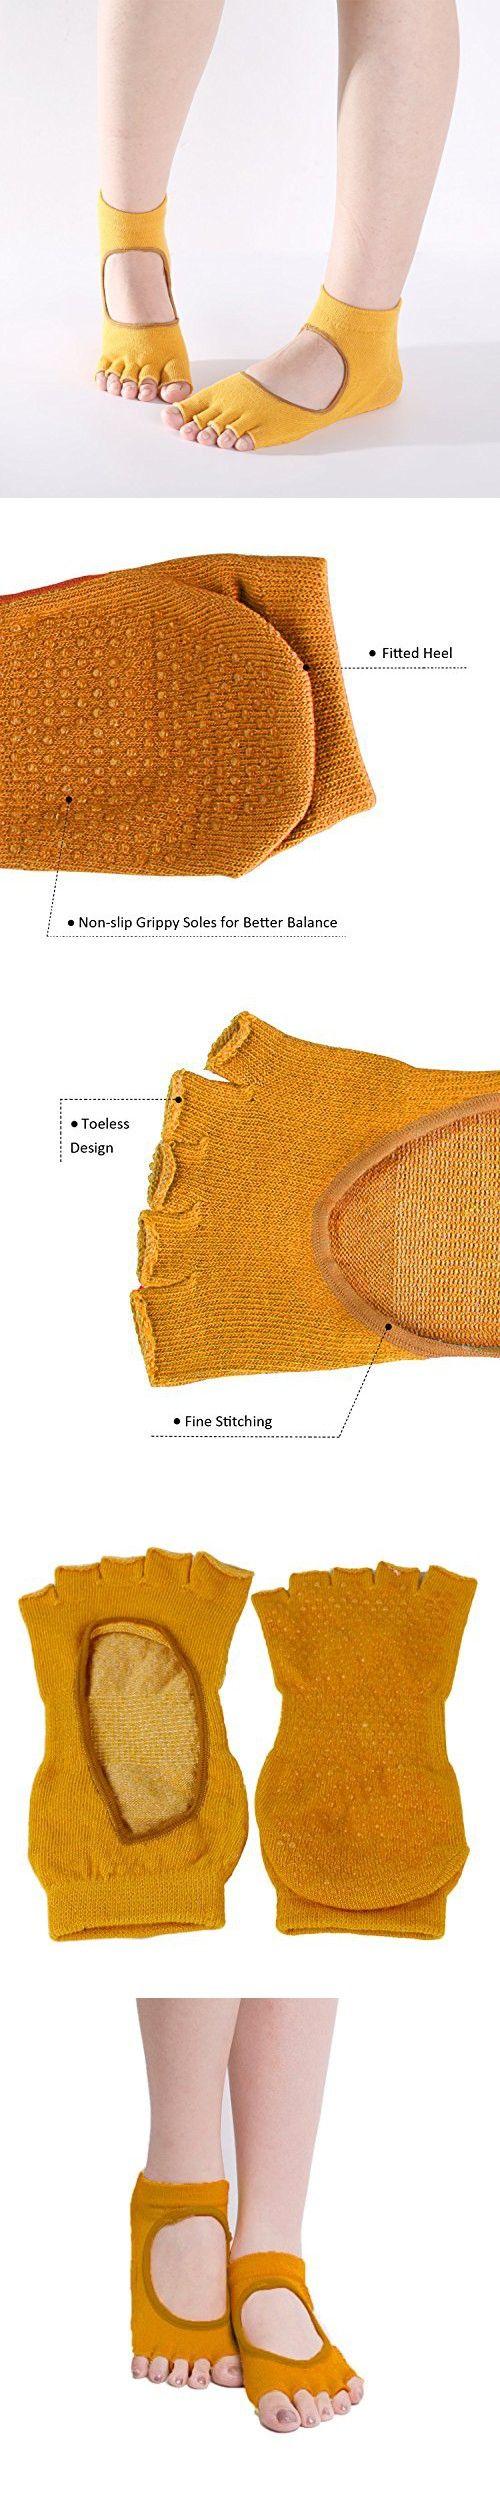 Grippy Toeless Yoga Socks Non Slip Skid Pilates Barre Half Toe Socks for Girls Women (Ochre, M, Pack of 1)